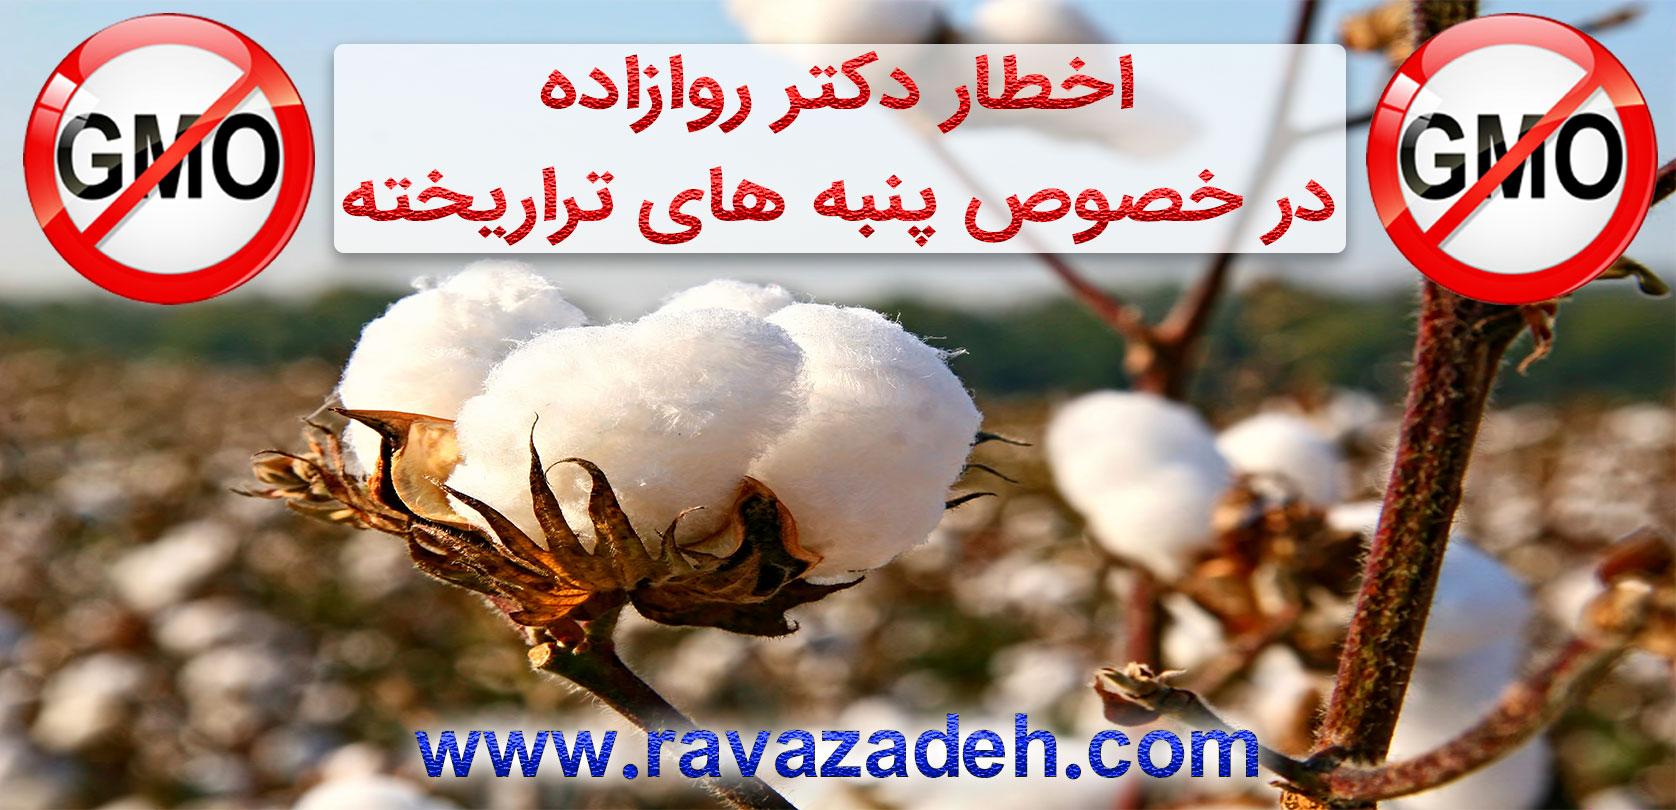 Photo of اخطار دکتر روازاده در خصوص پنبه های تراریخته